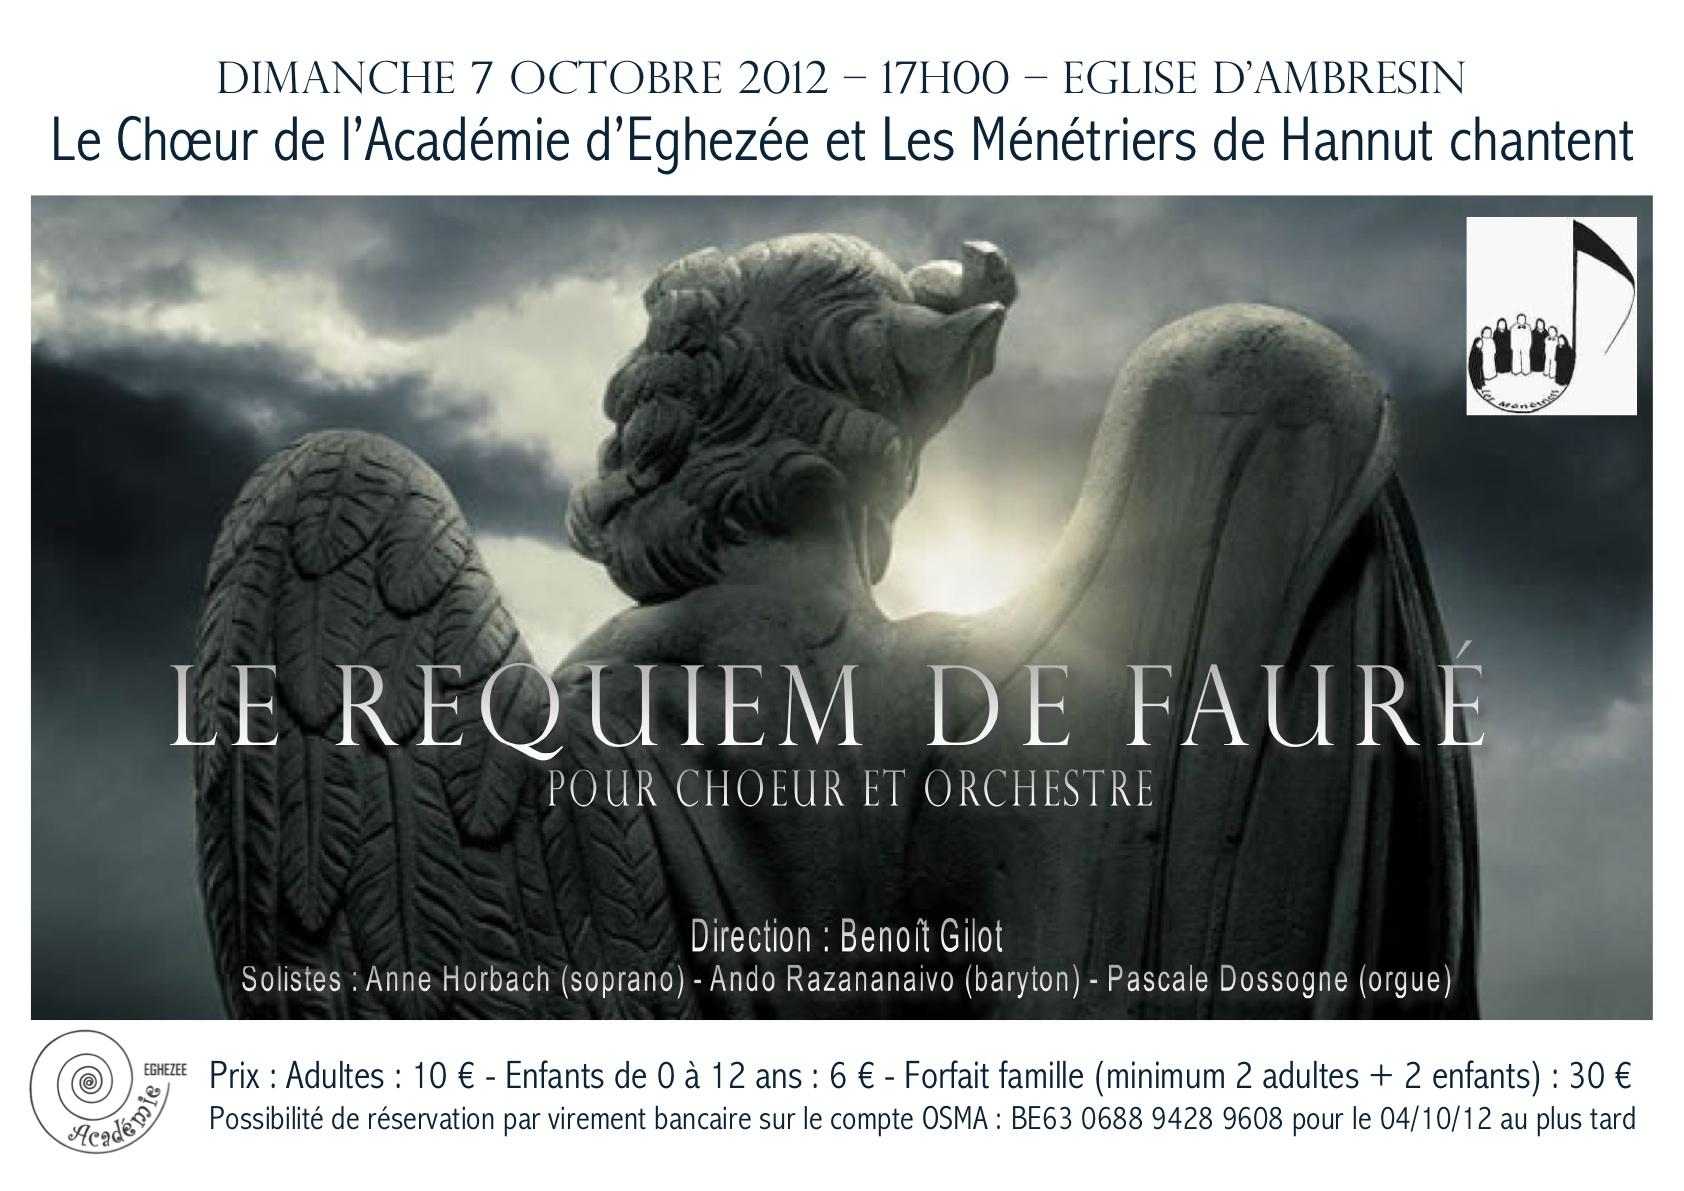 2012-10-07 - Affiche du concert du Requiem Fauré à l'Église Saint-Martin d'Ambresin